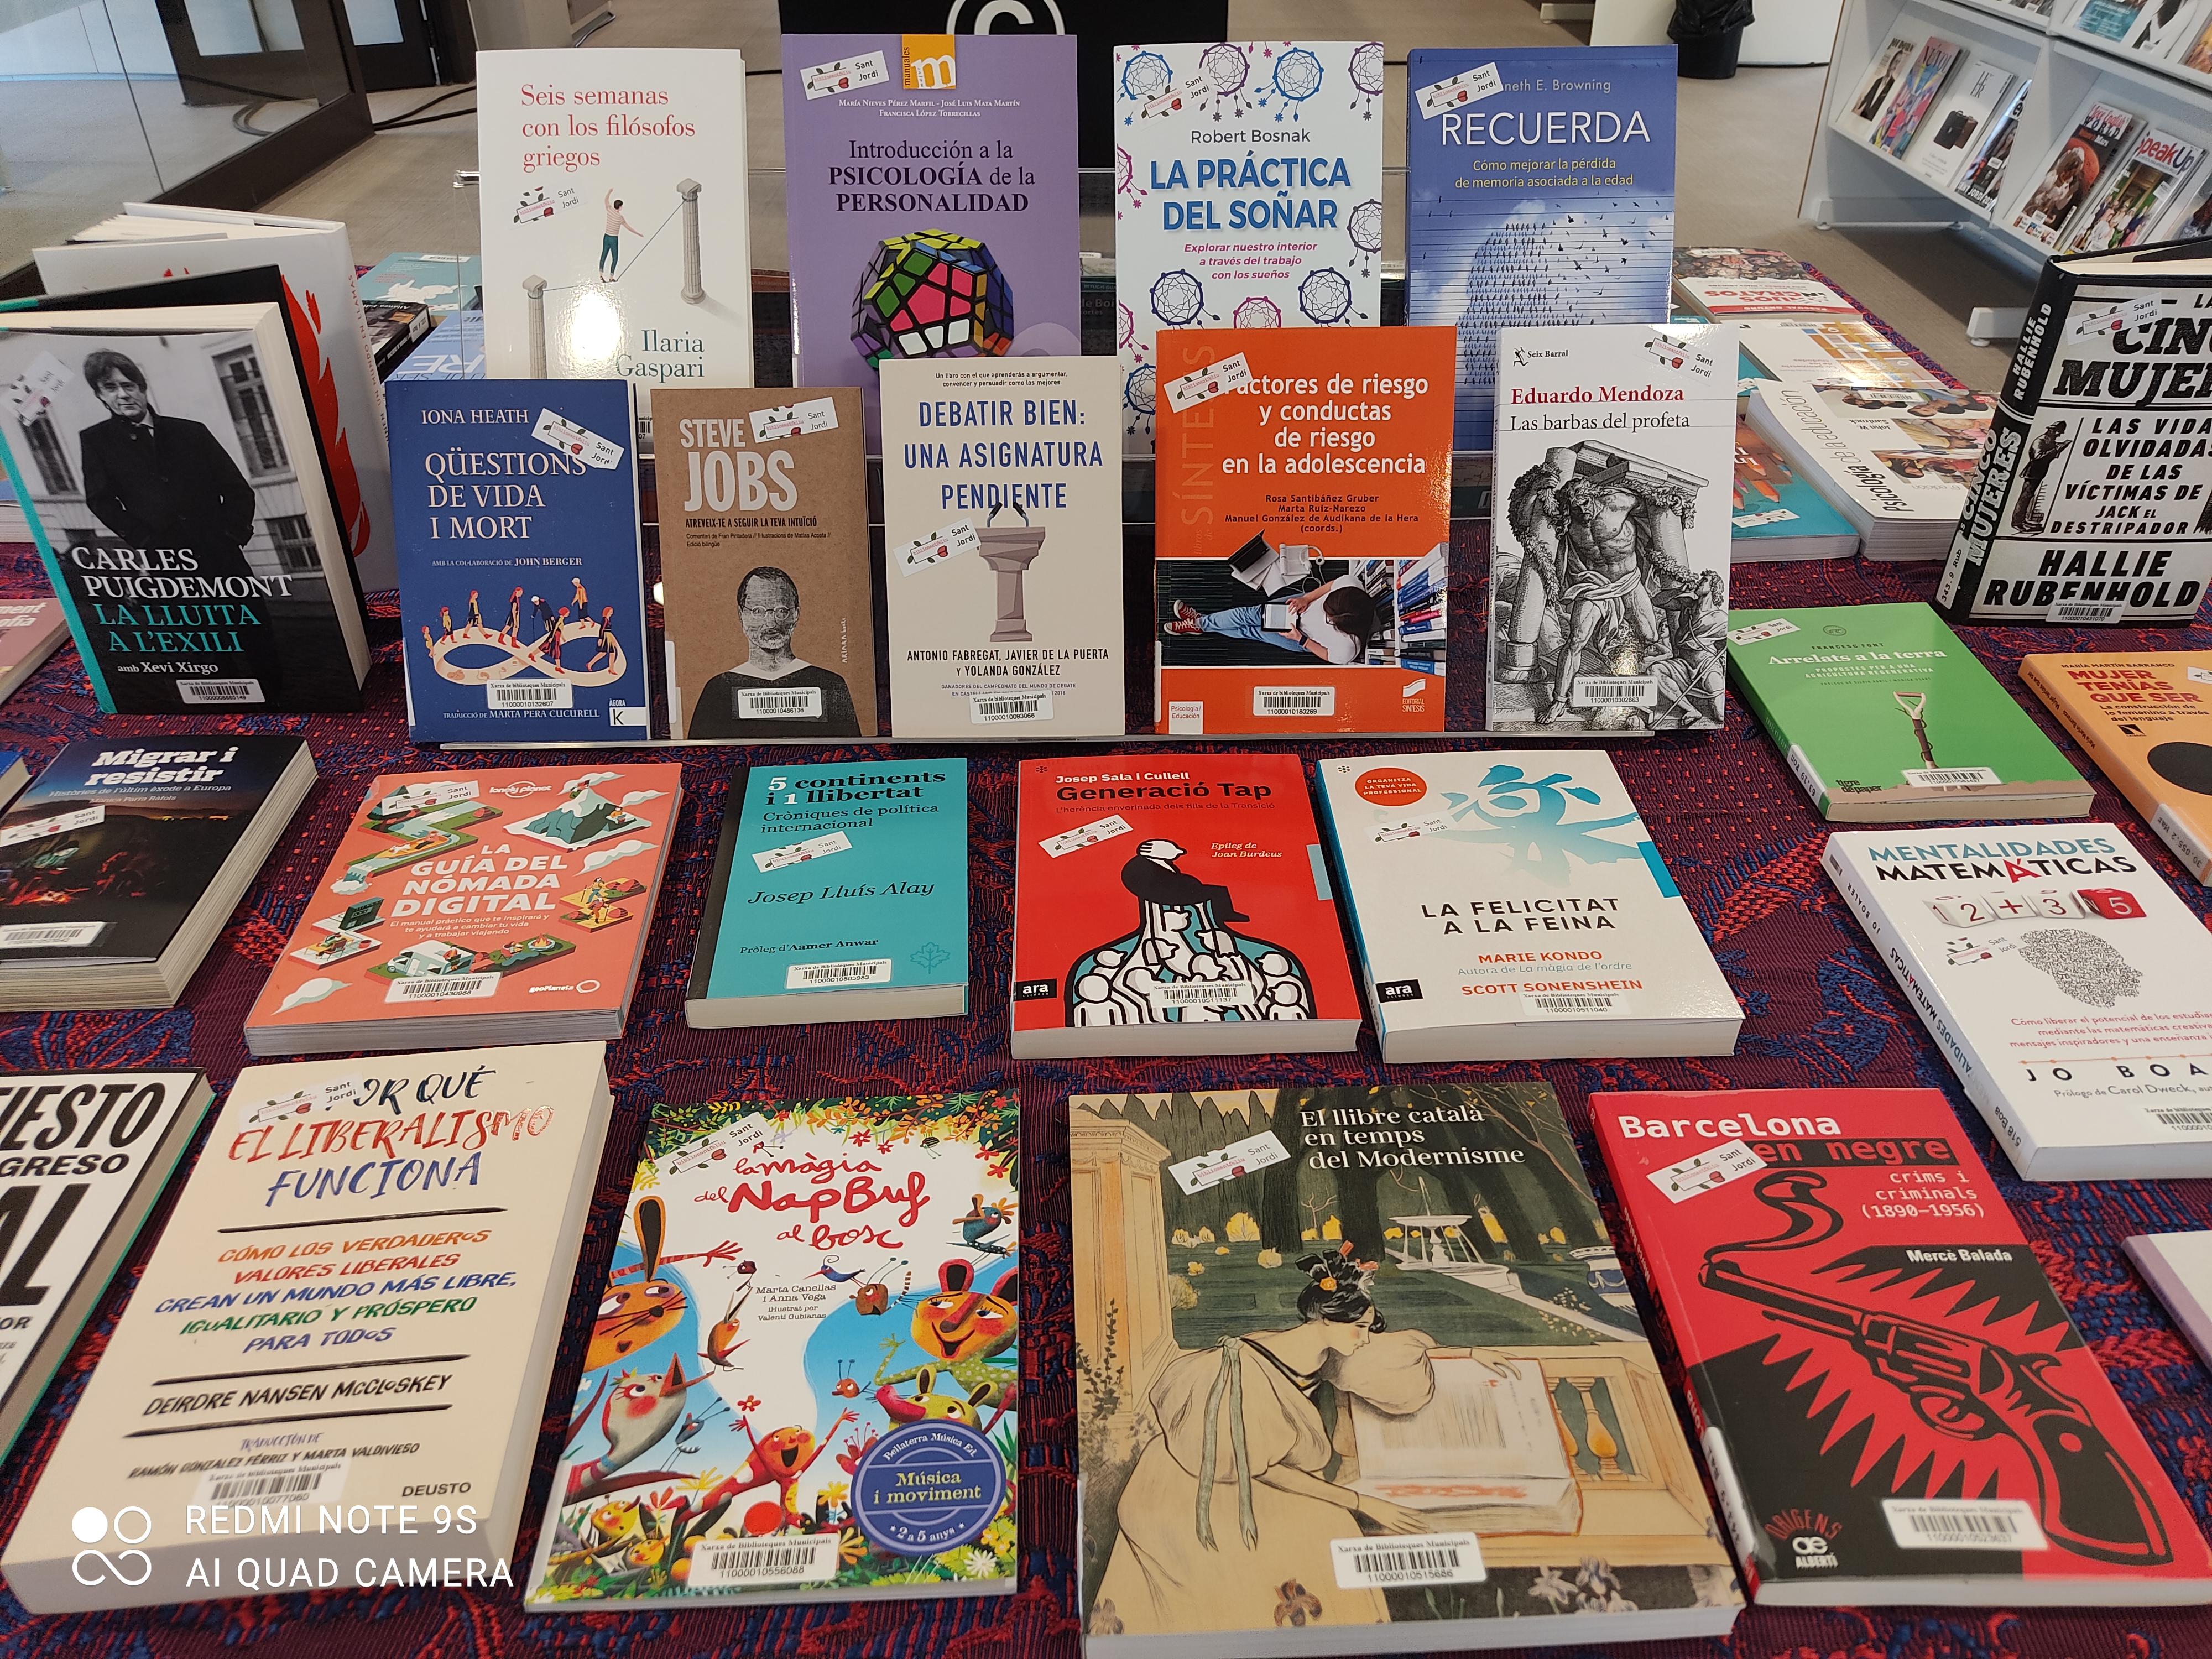 Imatge de diversos llibres exposats